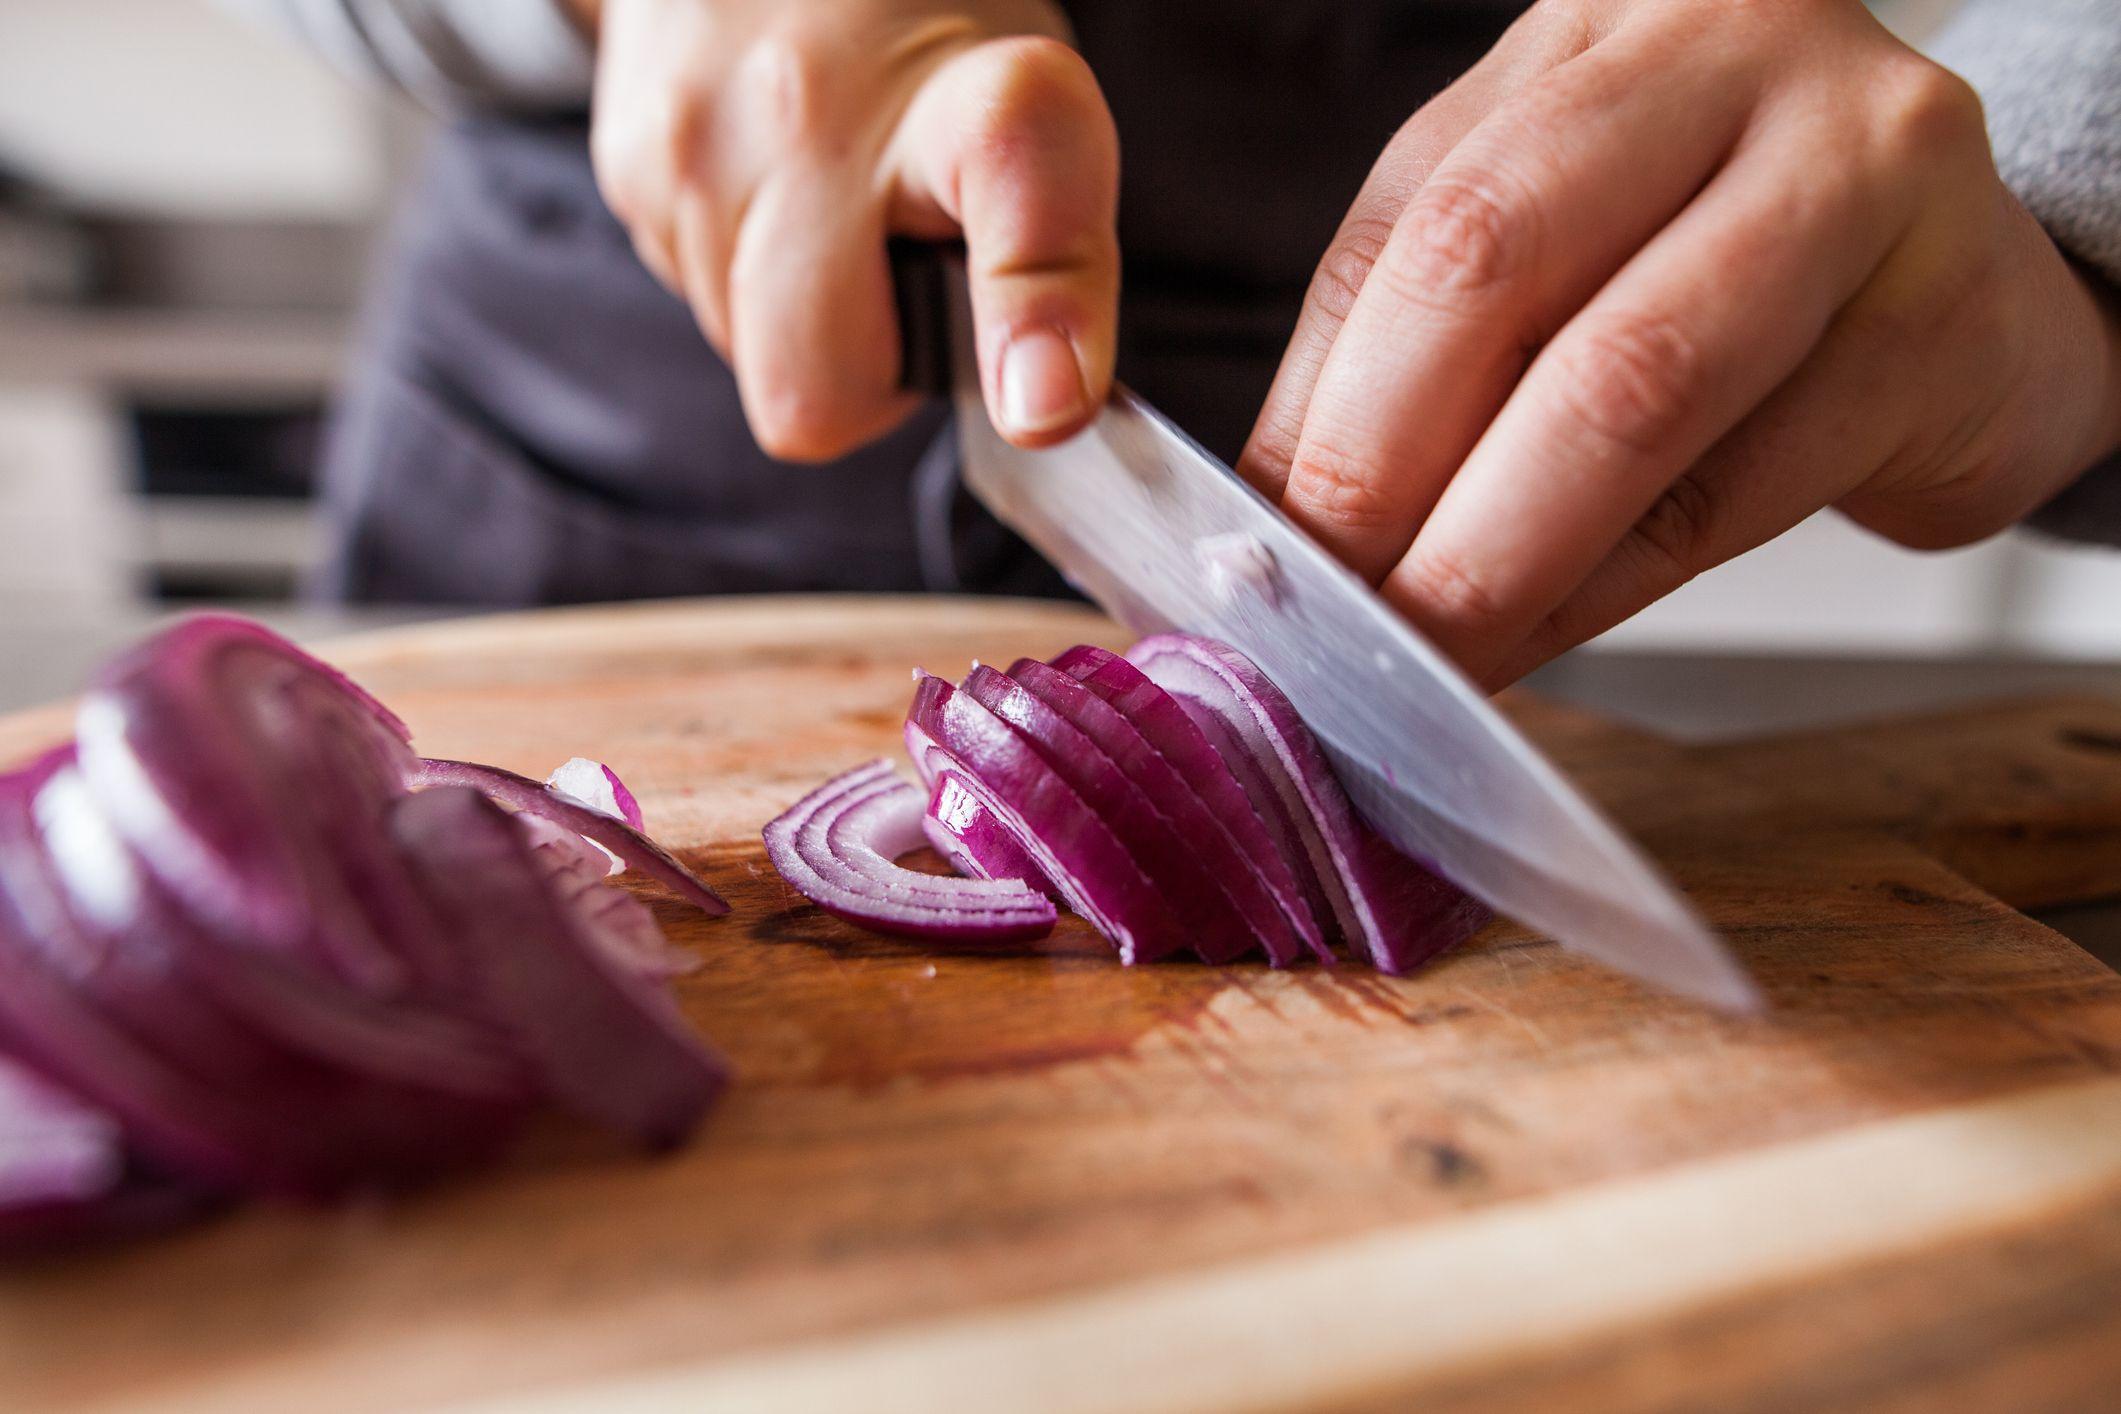 hender som skjærer en rødløk med en kniv